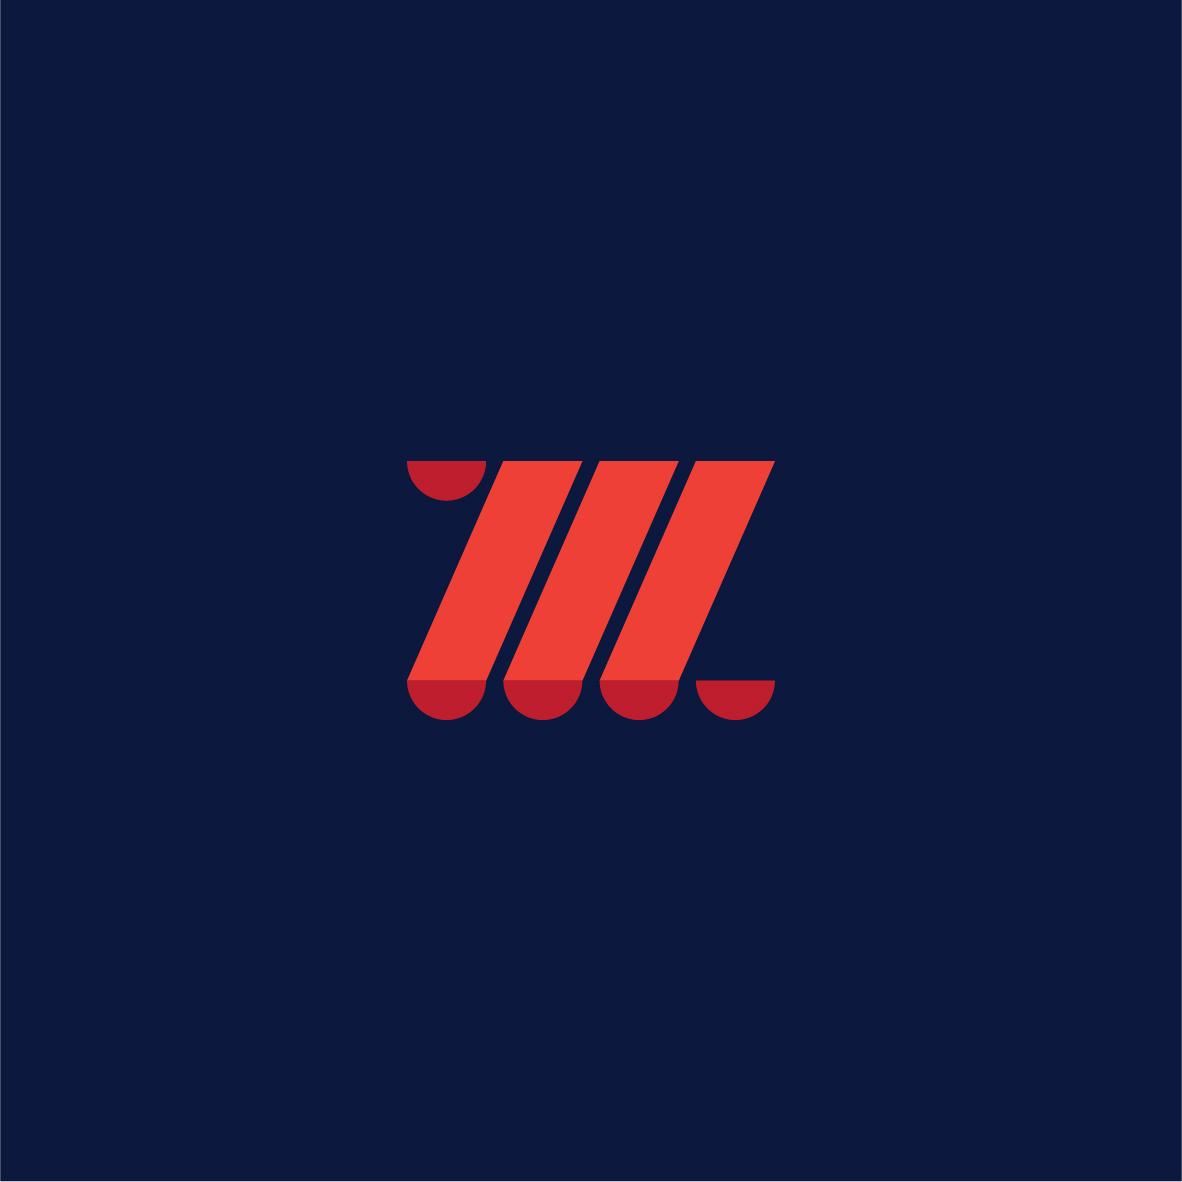 Логотип для интернет проекта фото f_3185a2fcbe81adb0.jpg